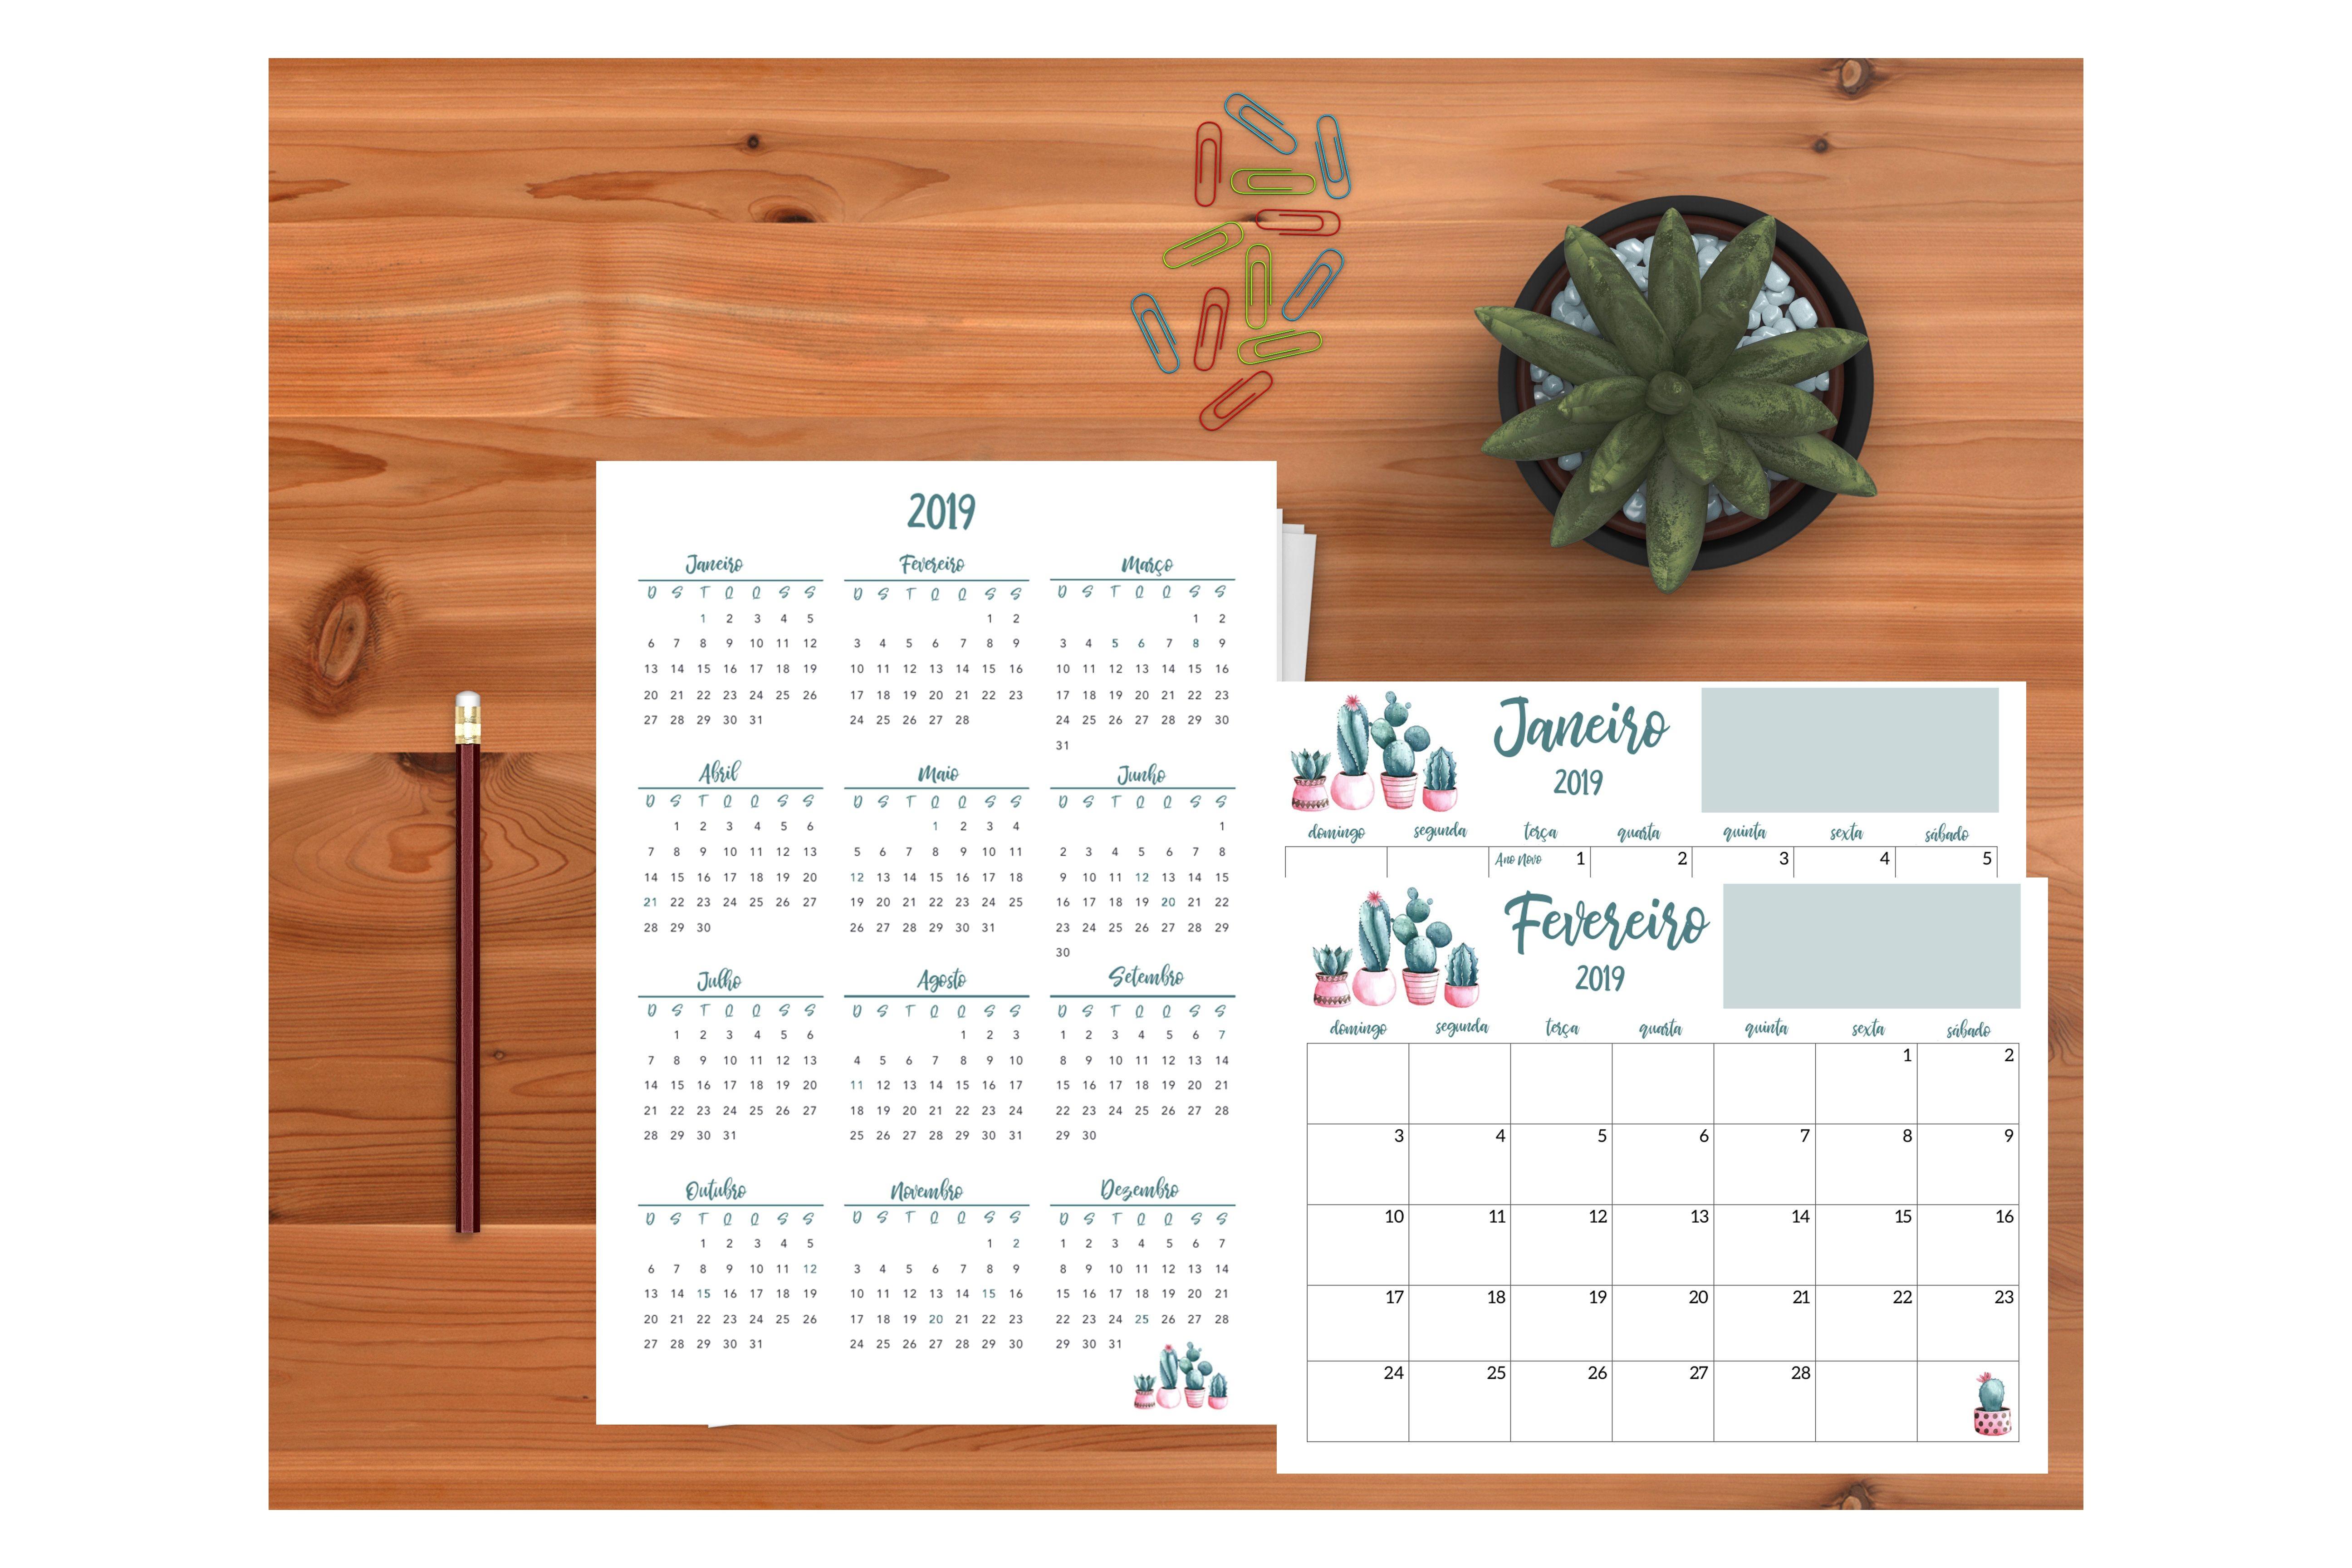 Planner 2019 Calendário Cactos Pdf Feriados Nacionais datas emorativas organiza§£o calendário de página inteira